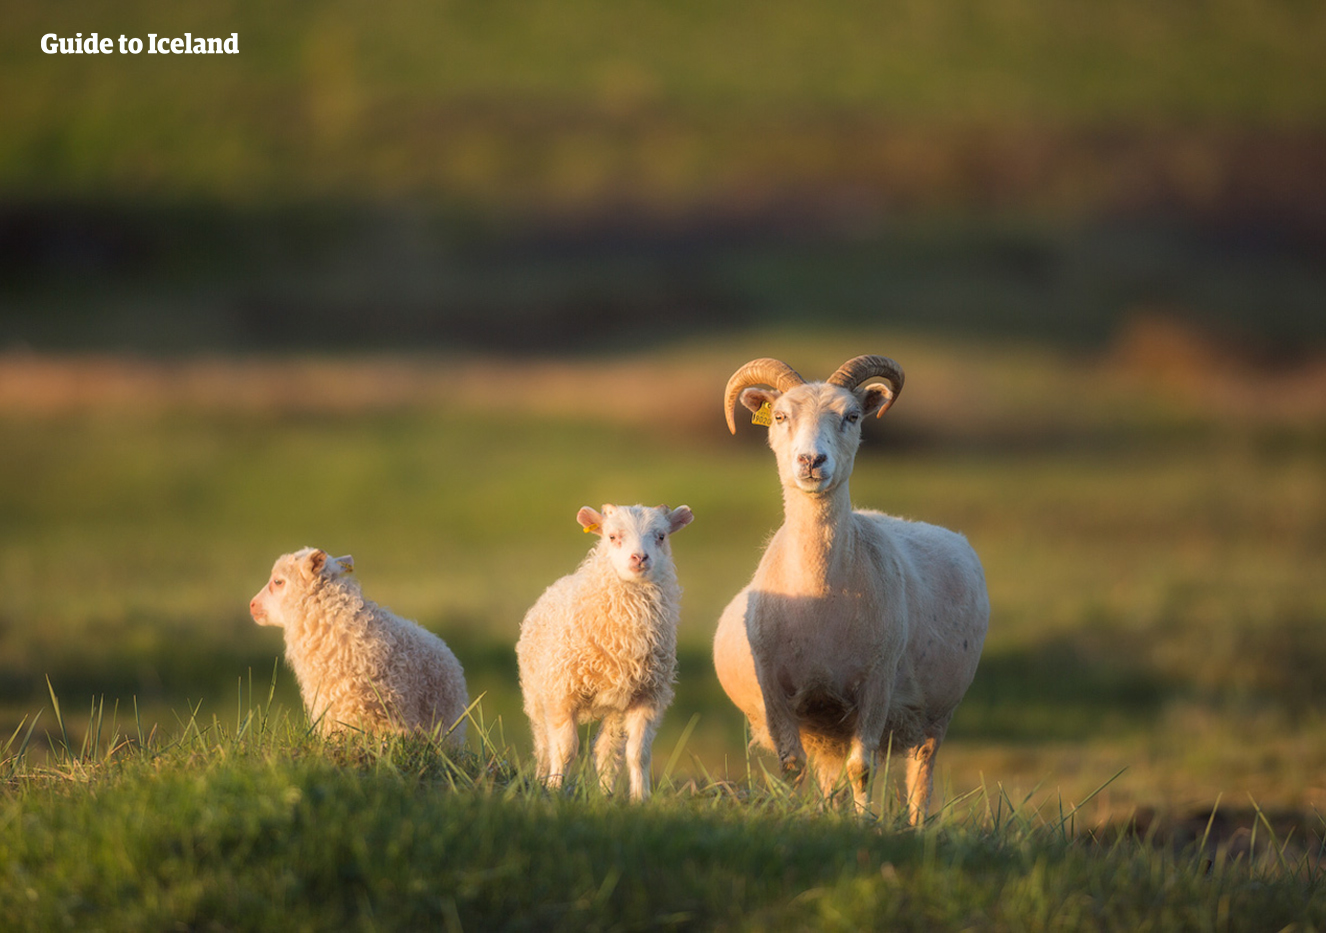 Ouvrez l'oeil pour voir des moutons pendant que vous parcourez la nature islandaise lors de votre autotour été.